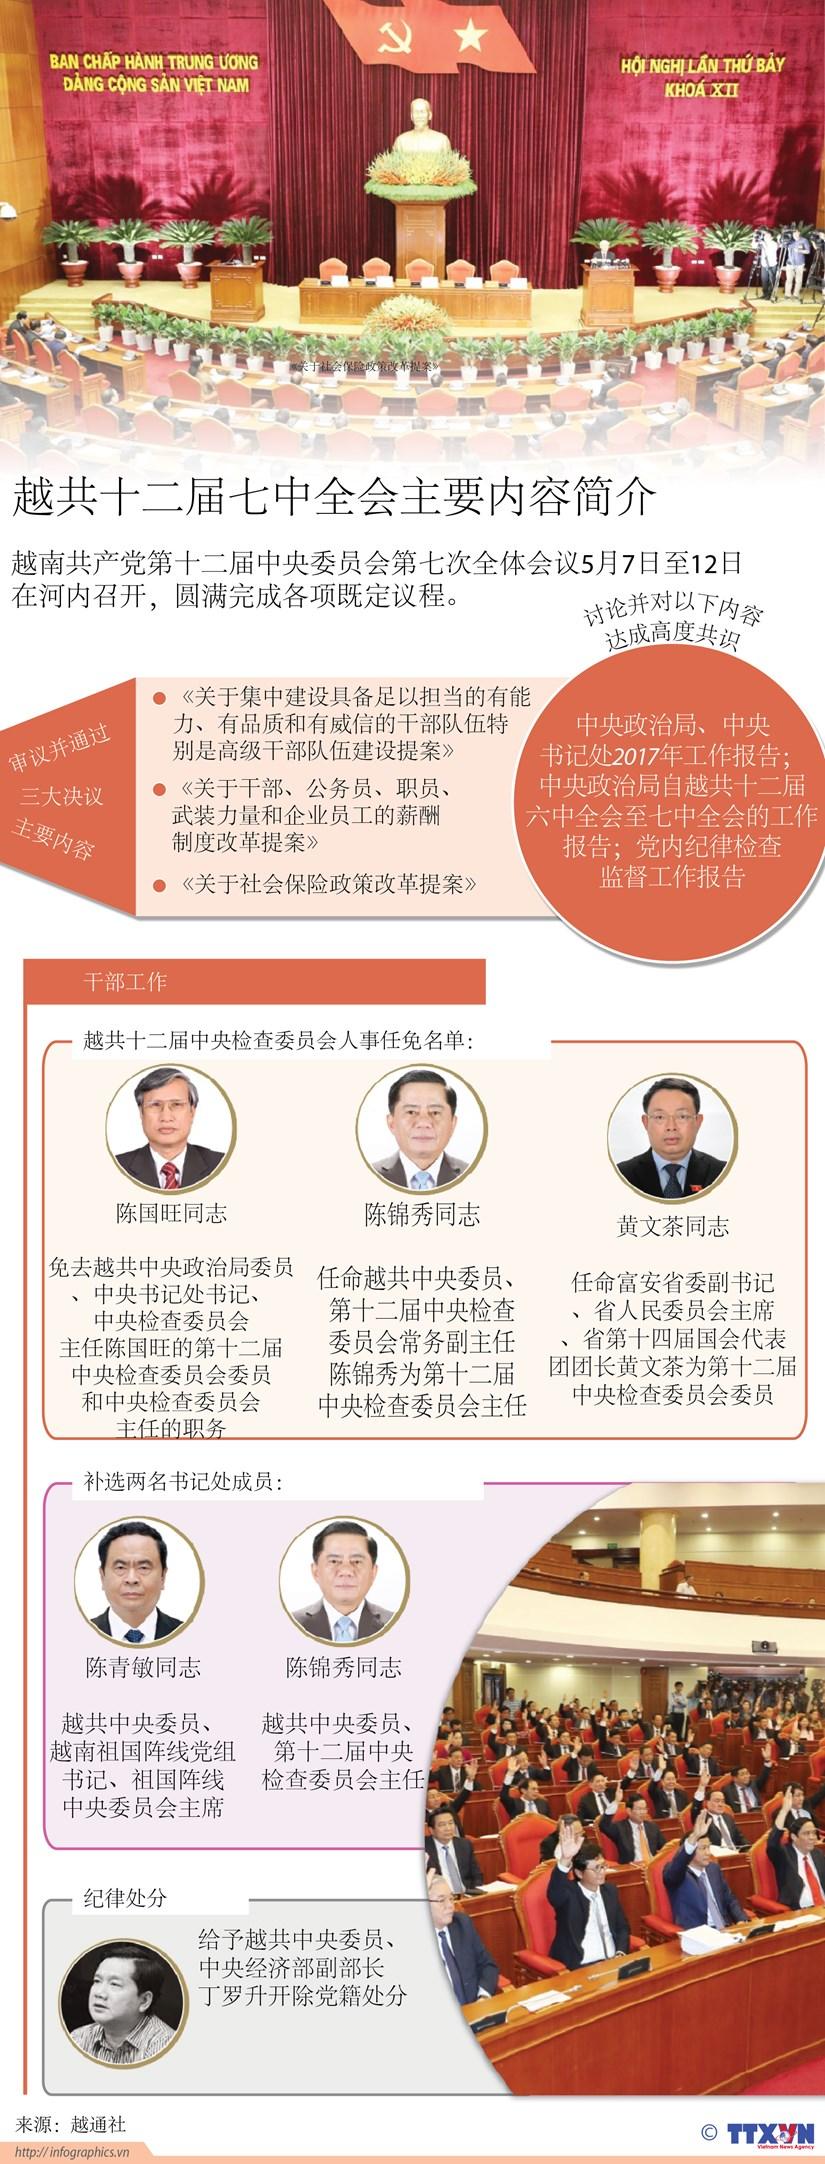 图表新闻:越共十二届七中全会主要内容简介 hinh anh 1